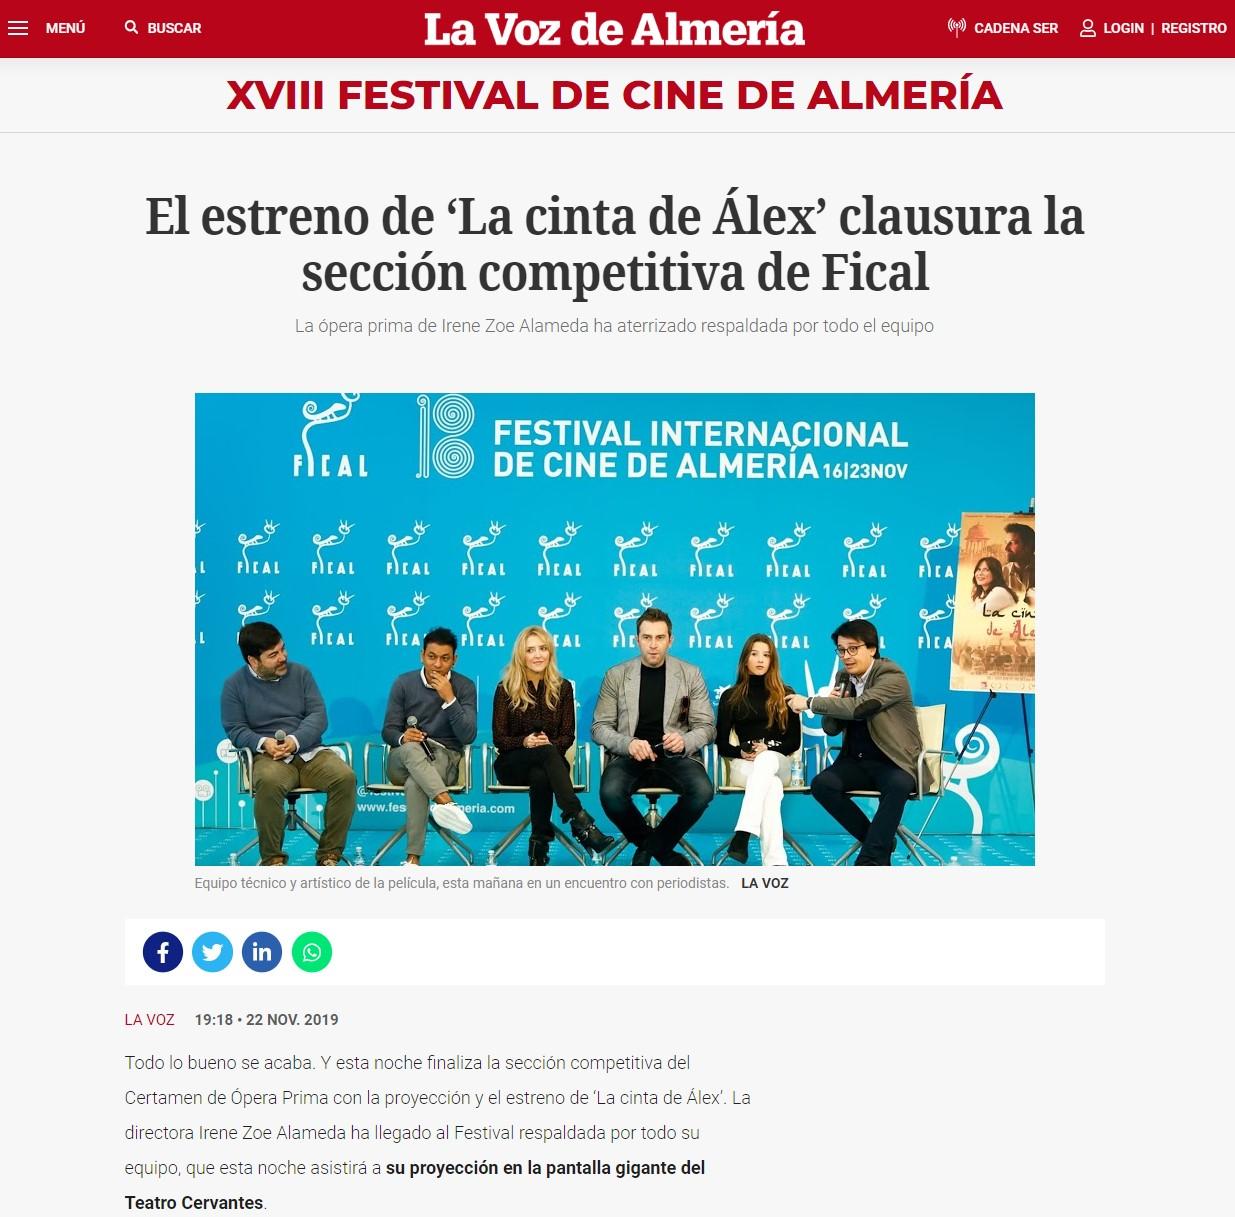 El estreno de 'La cinta de Álex' clausura la sección competitiva de Fical